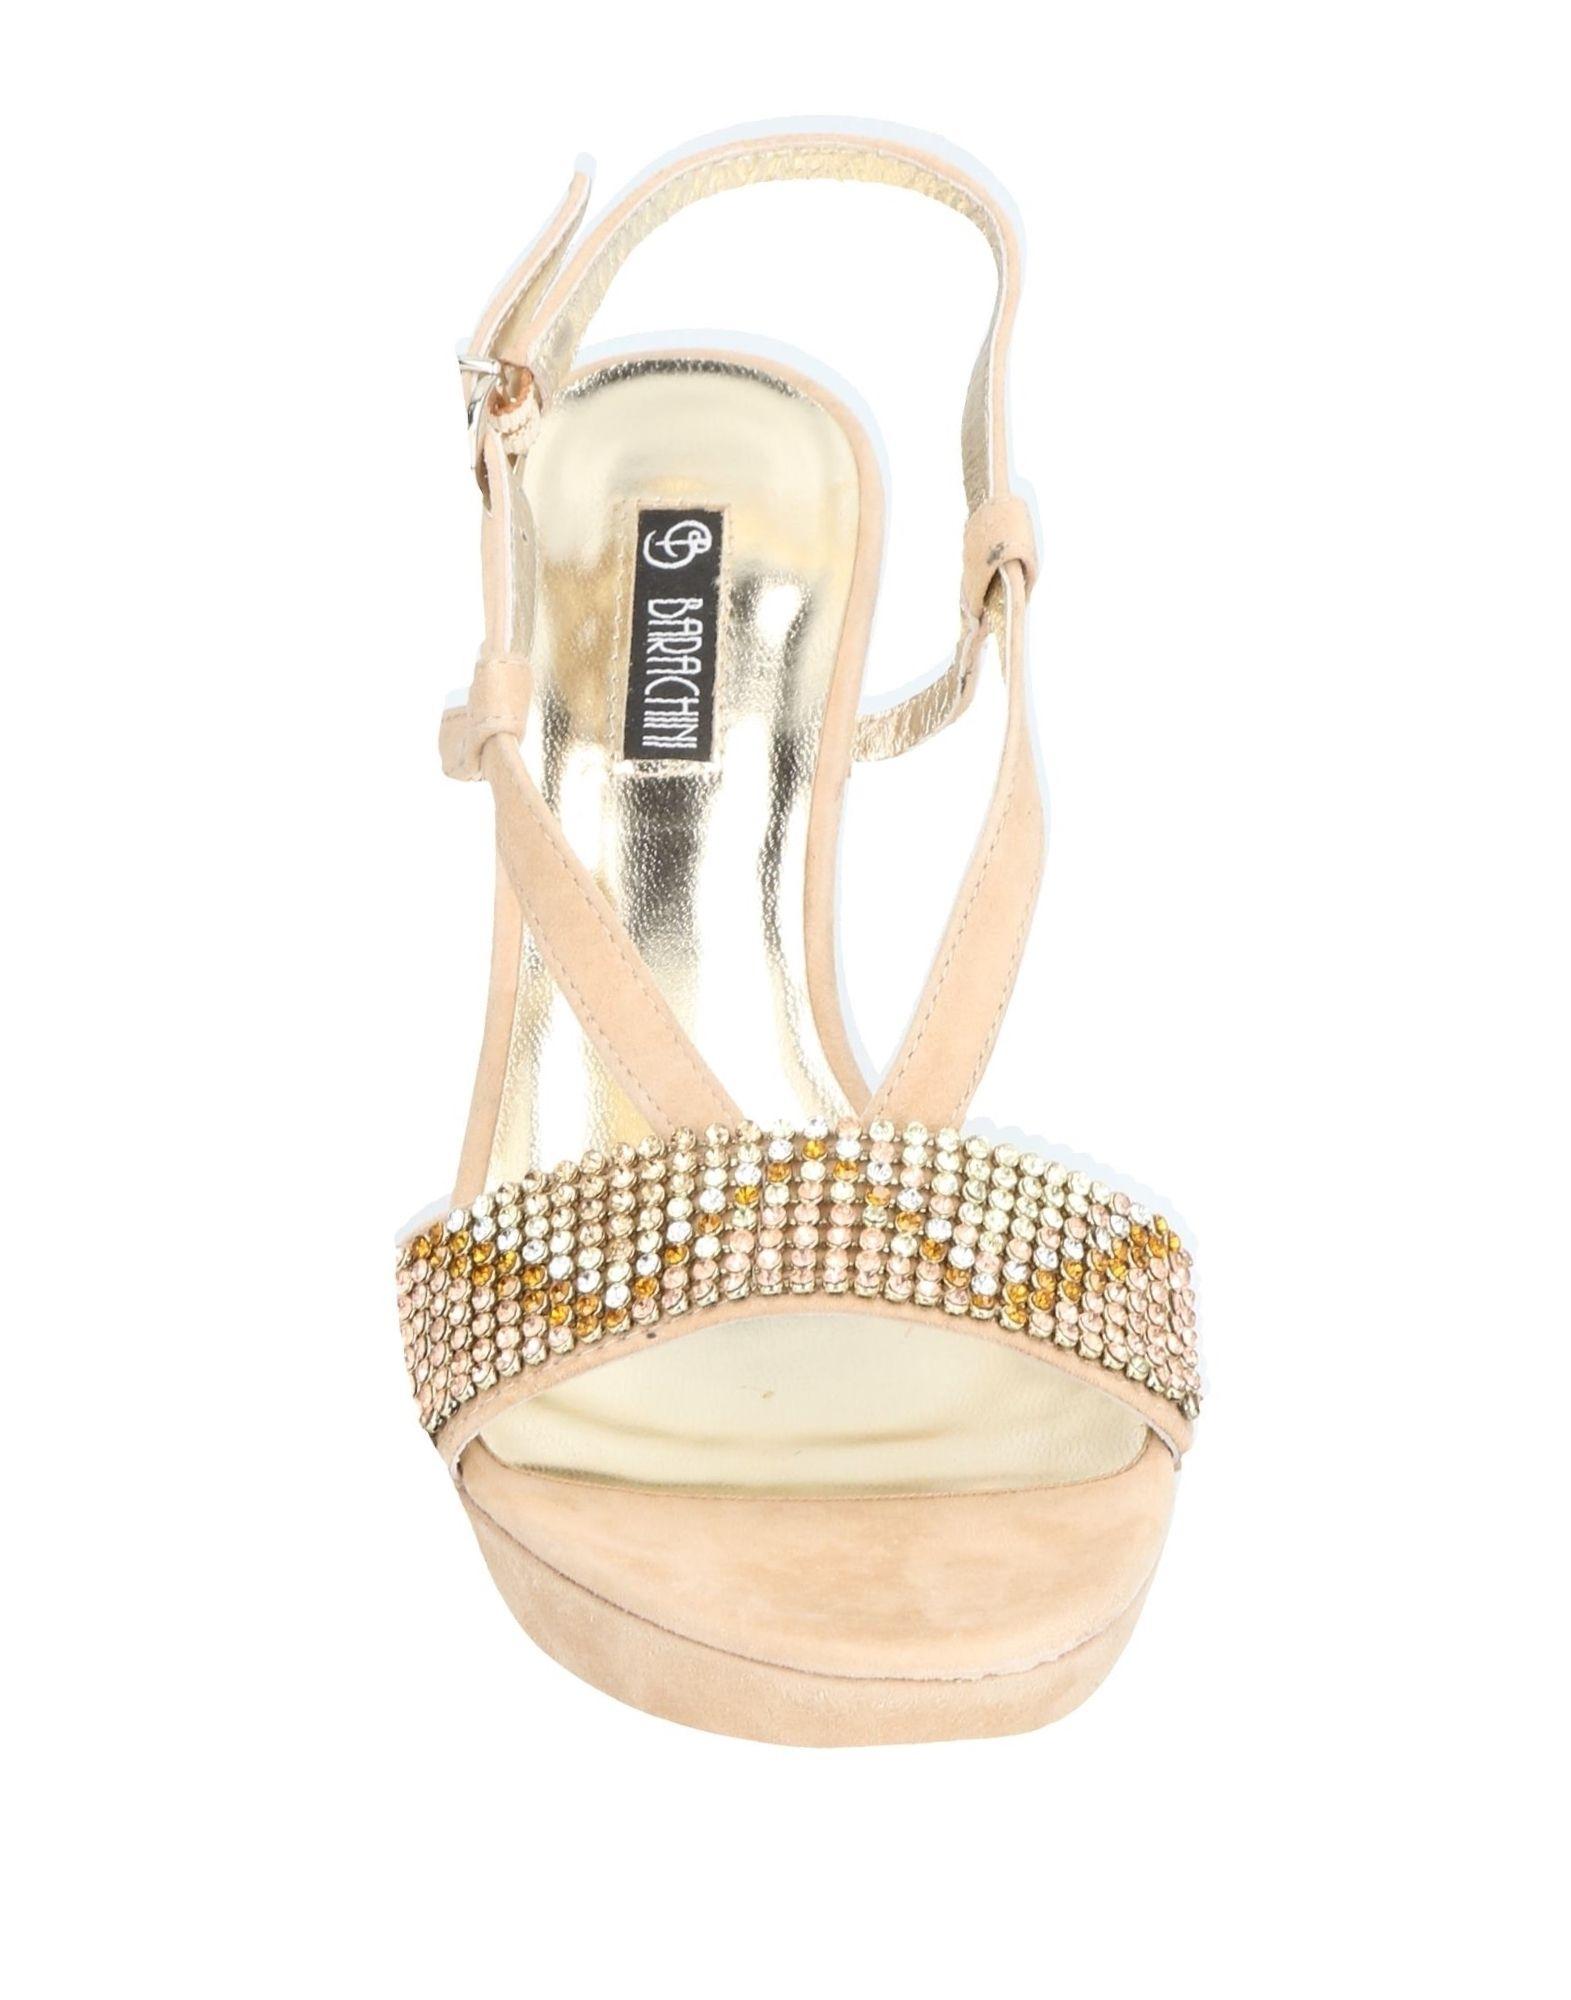 Barachini Sandalen Damen  11418142MM 11418142MM 11418142MM Gute Qualität beliebte Schuhe 8f7c60